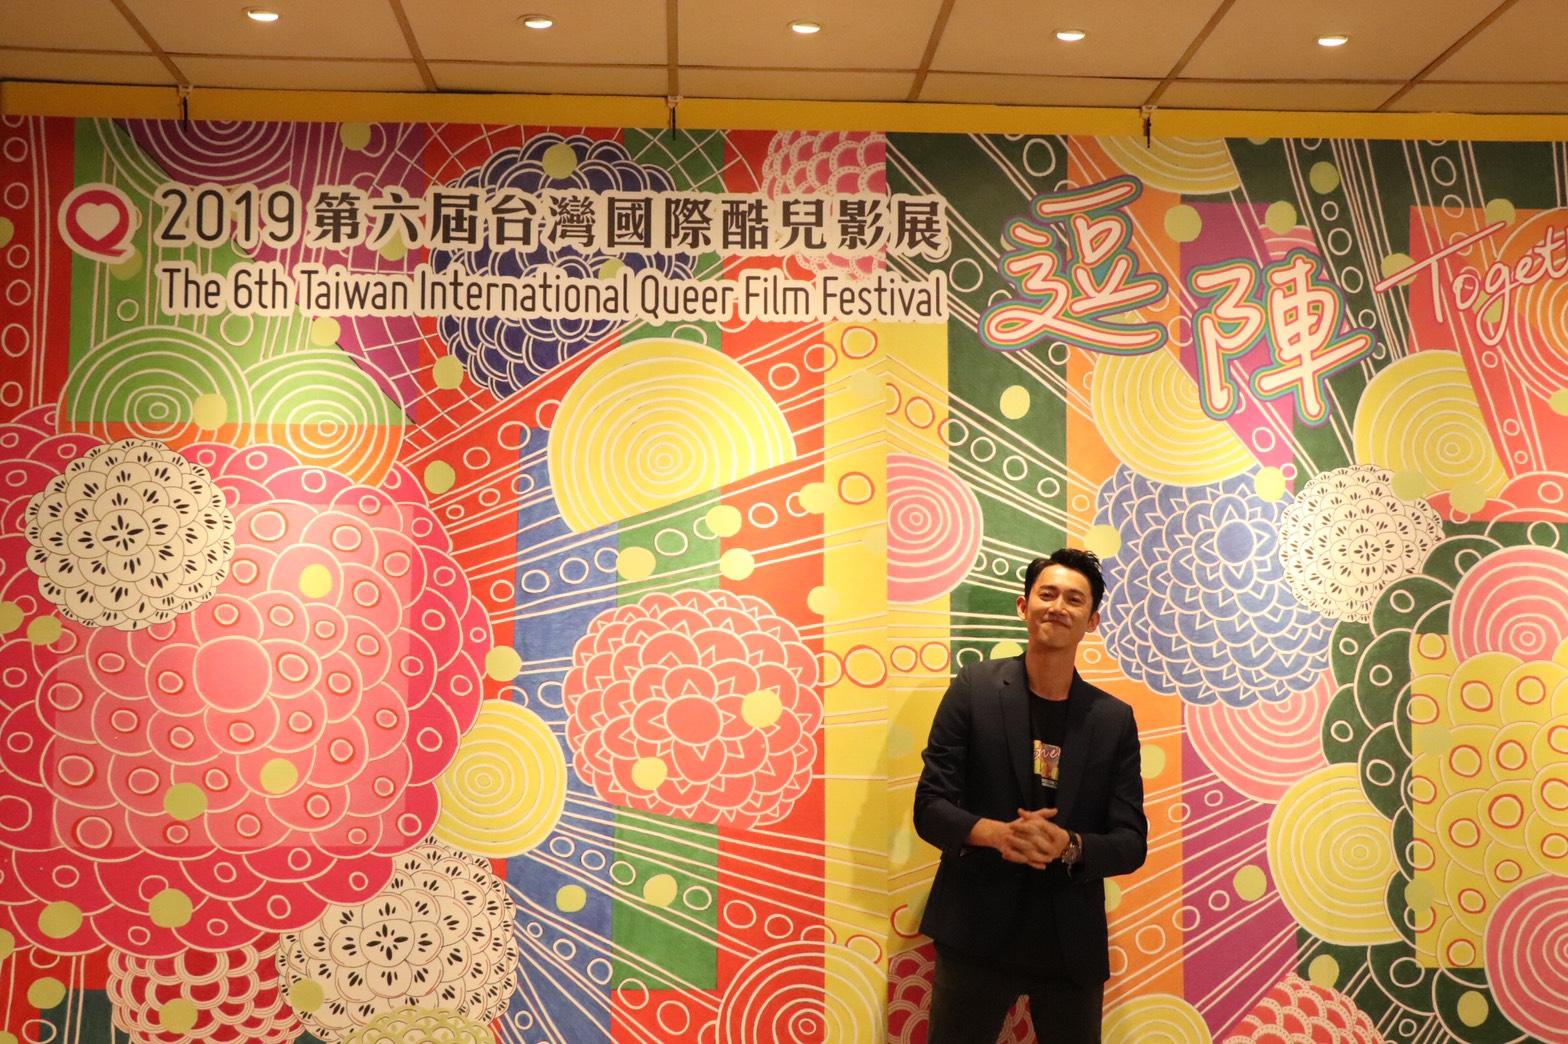 2019第六屆台灣國際酷兒影展